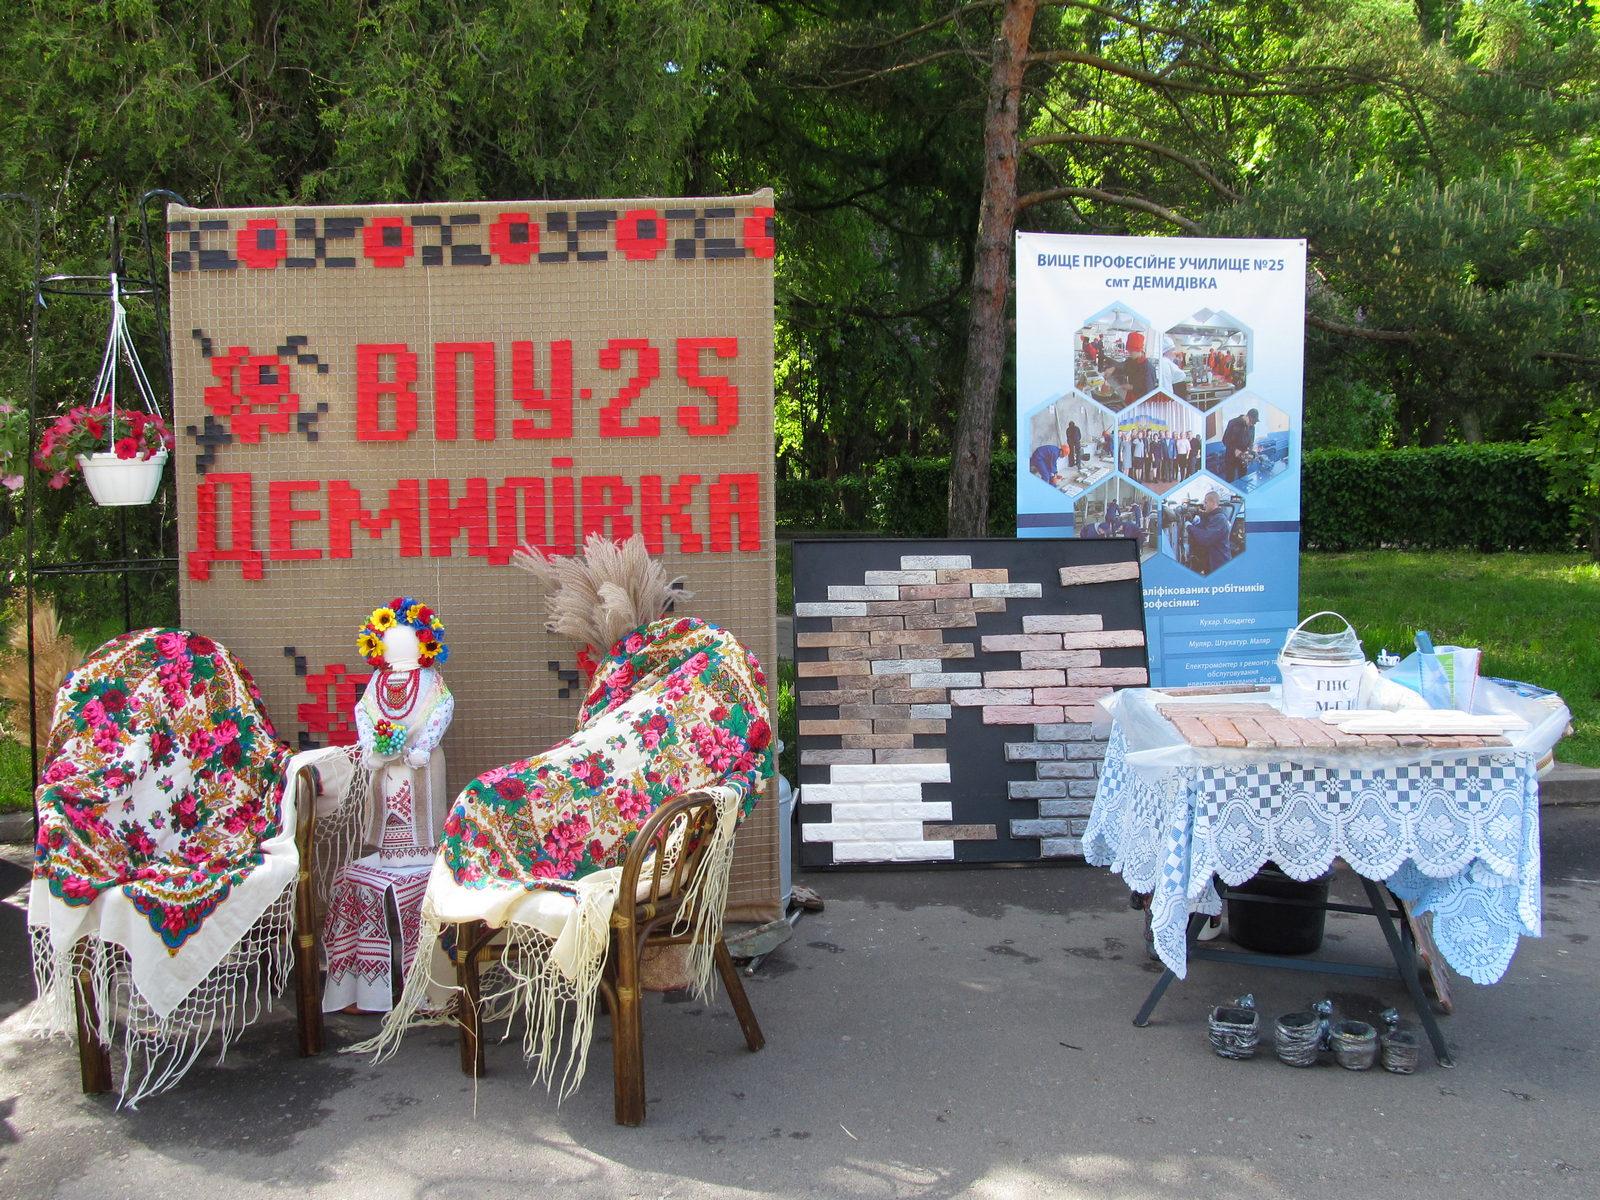 Обласна виставка-ярмарок робітничих професій